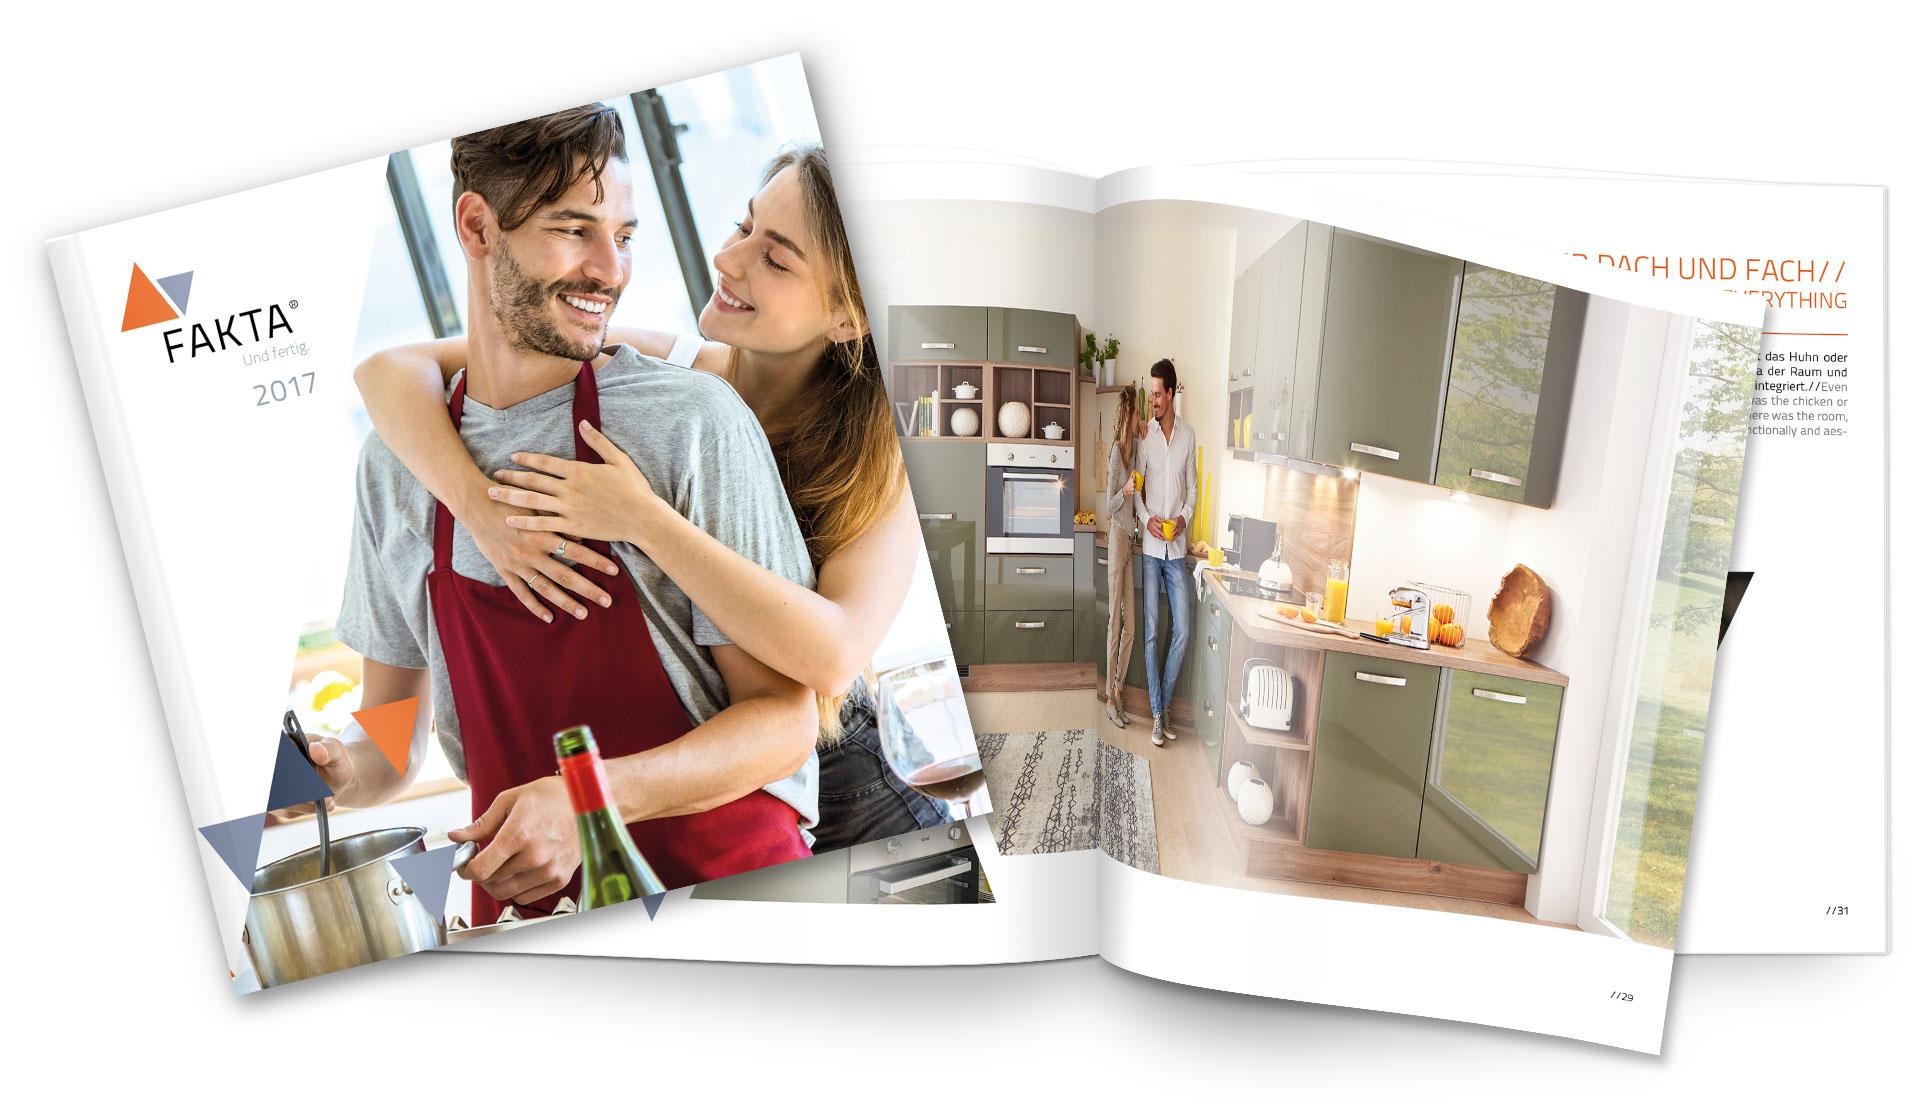 treffpunkt küche. ? fakta - Fakta Küche